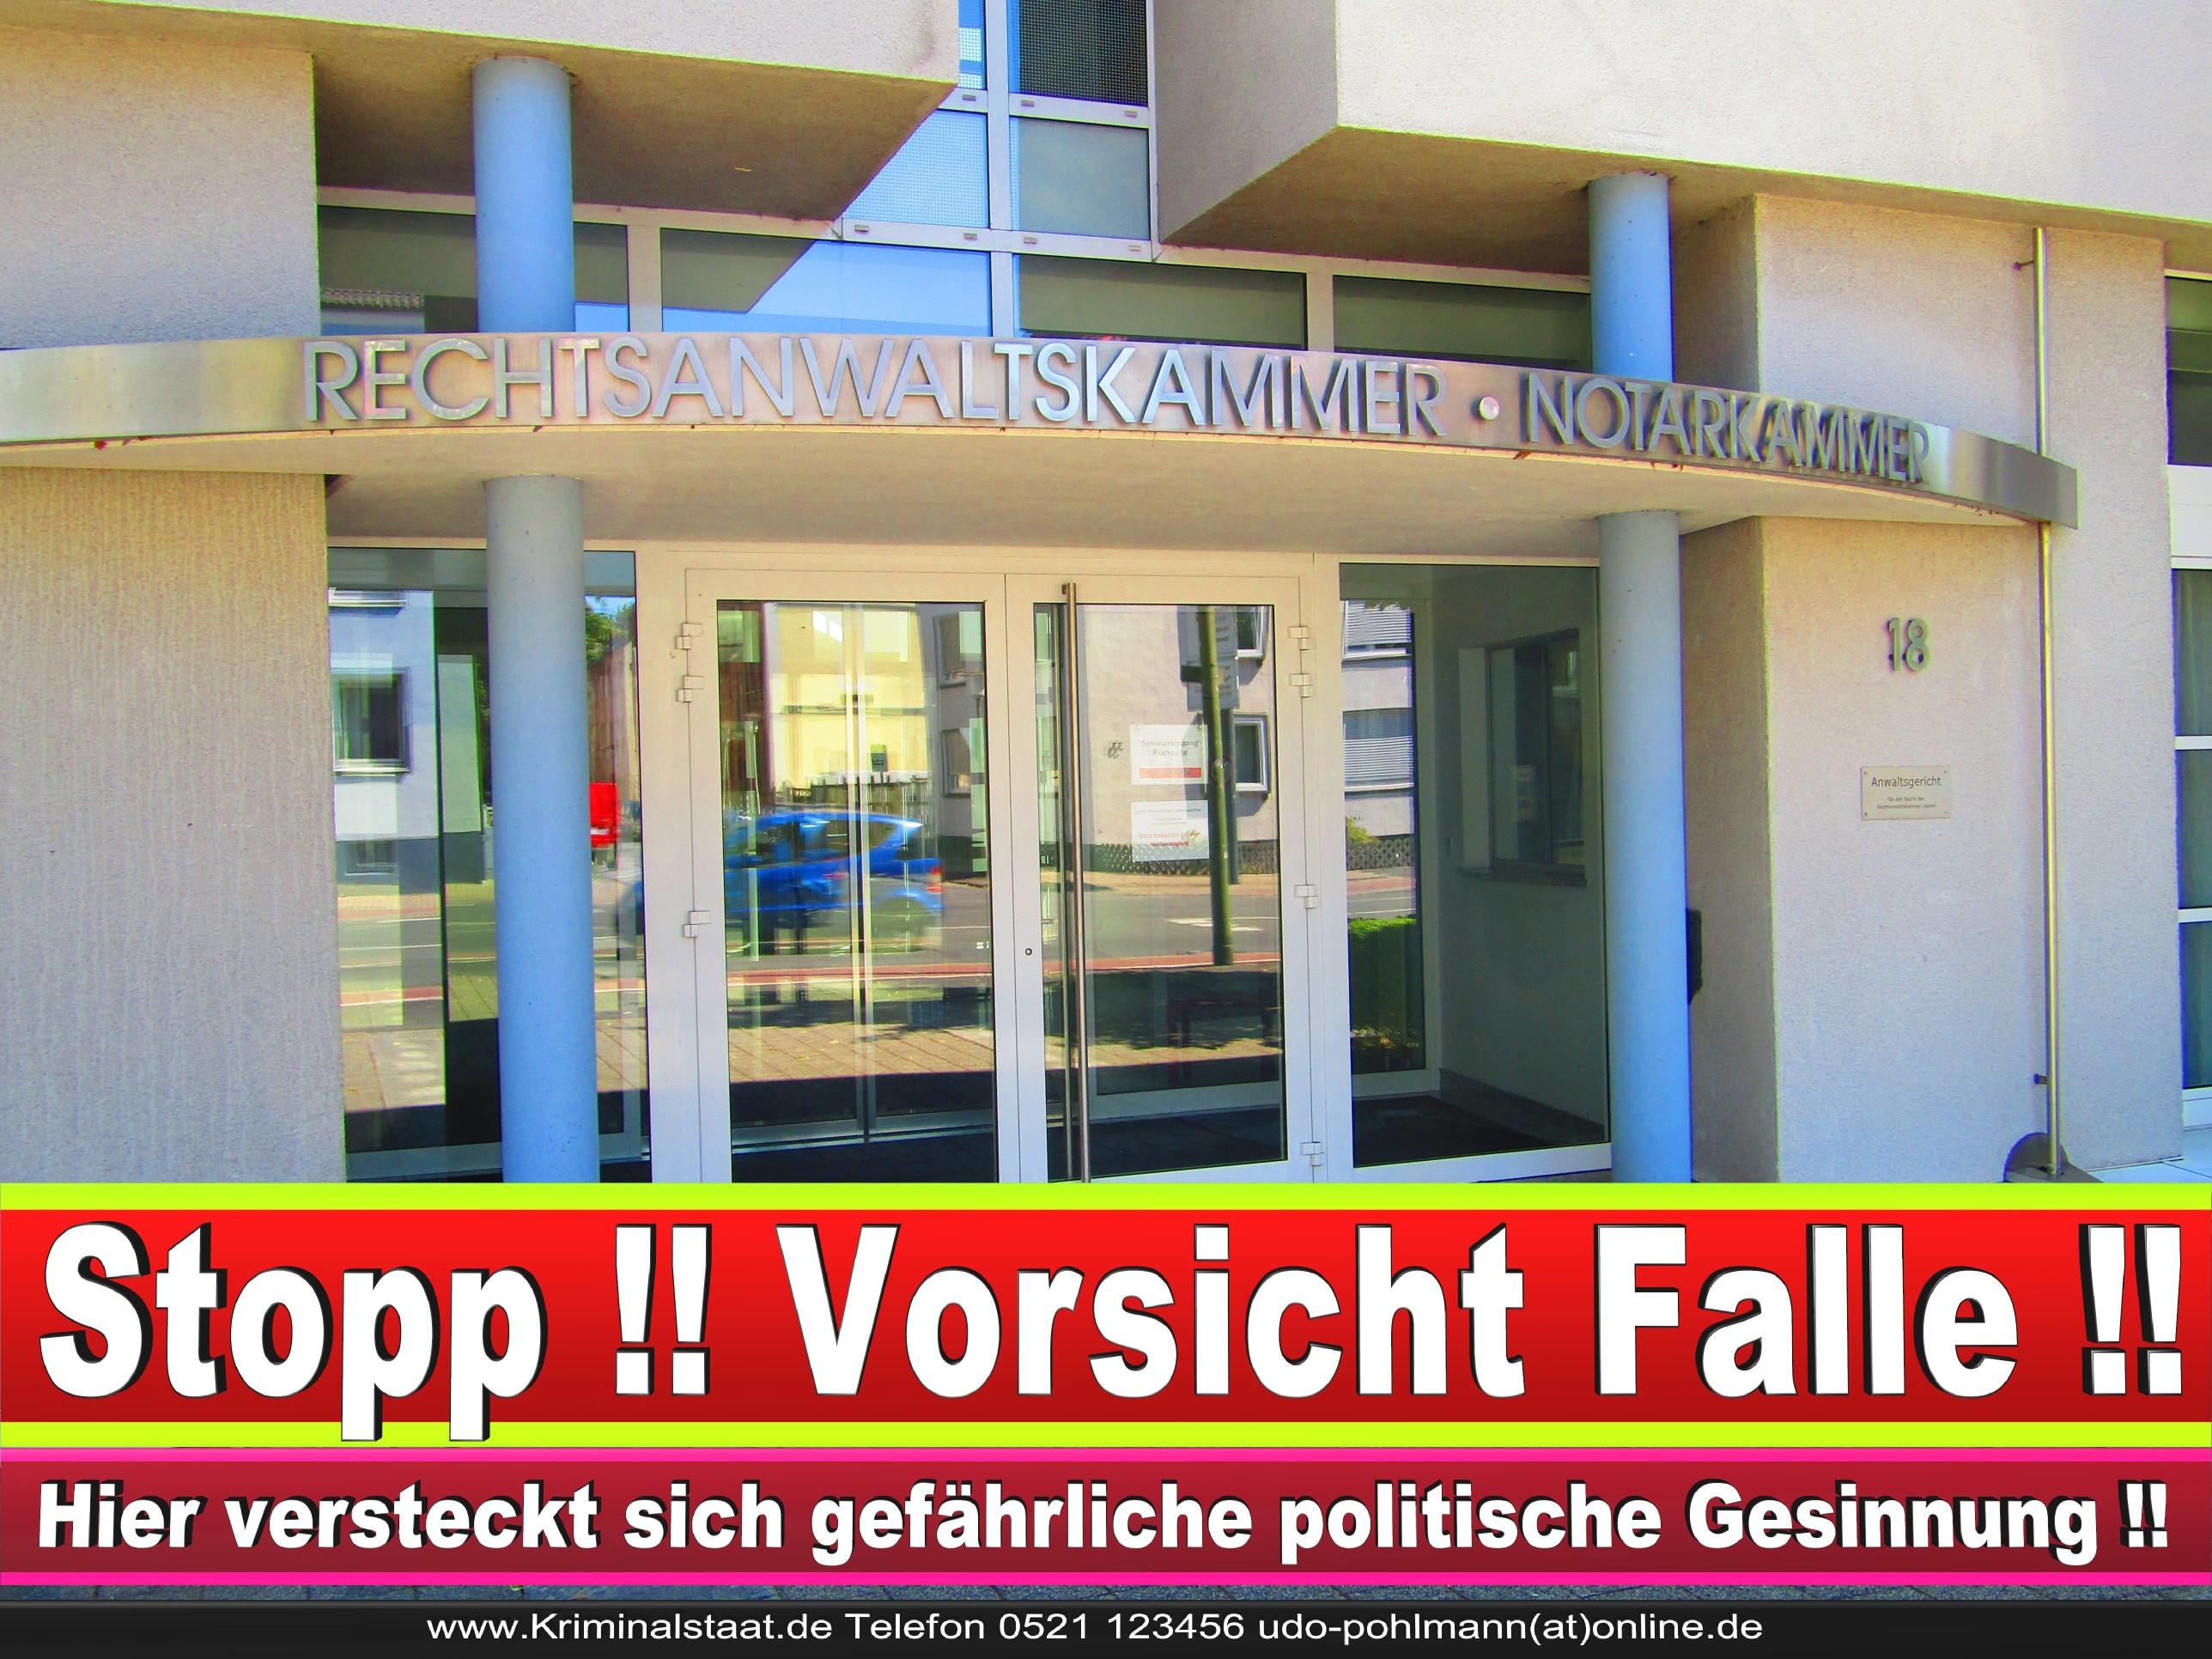 Rechtsanwaltskammer Hamm NRW Justizminister Rechtsanwalt Notar Vermögensverfall Urteil Rechtsprechung CDU SPD FDP Berufsordnung Rechtsanwälte Rechtsprechung (9) 1